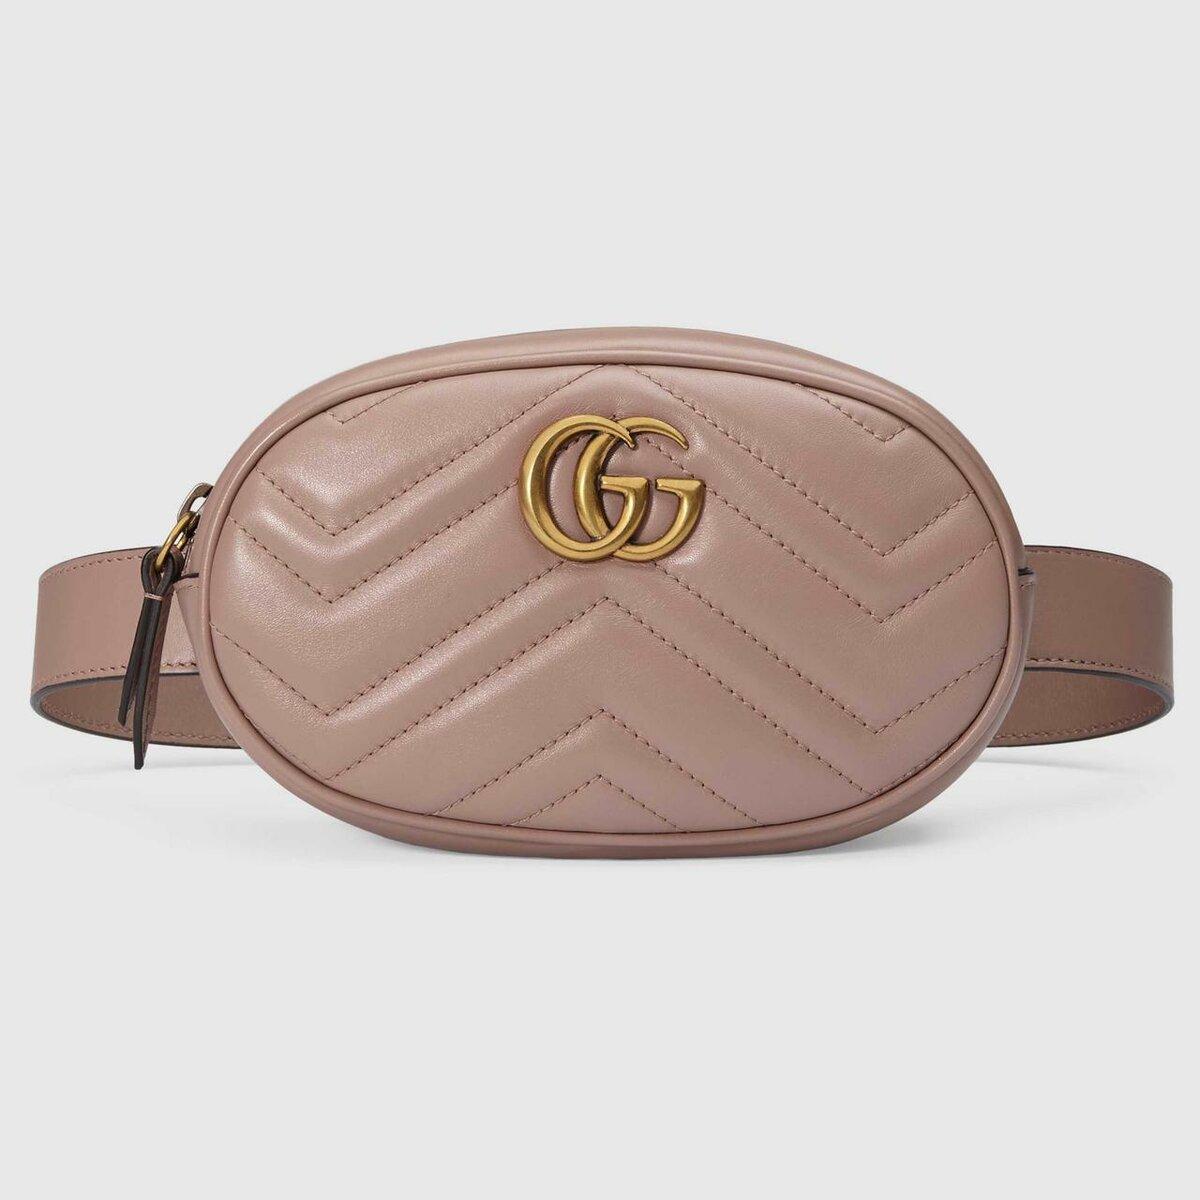 Поясная сумочка GG Marmont в Евпатории